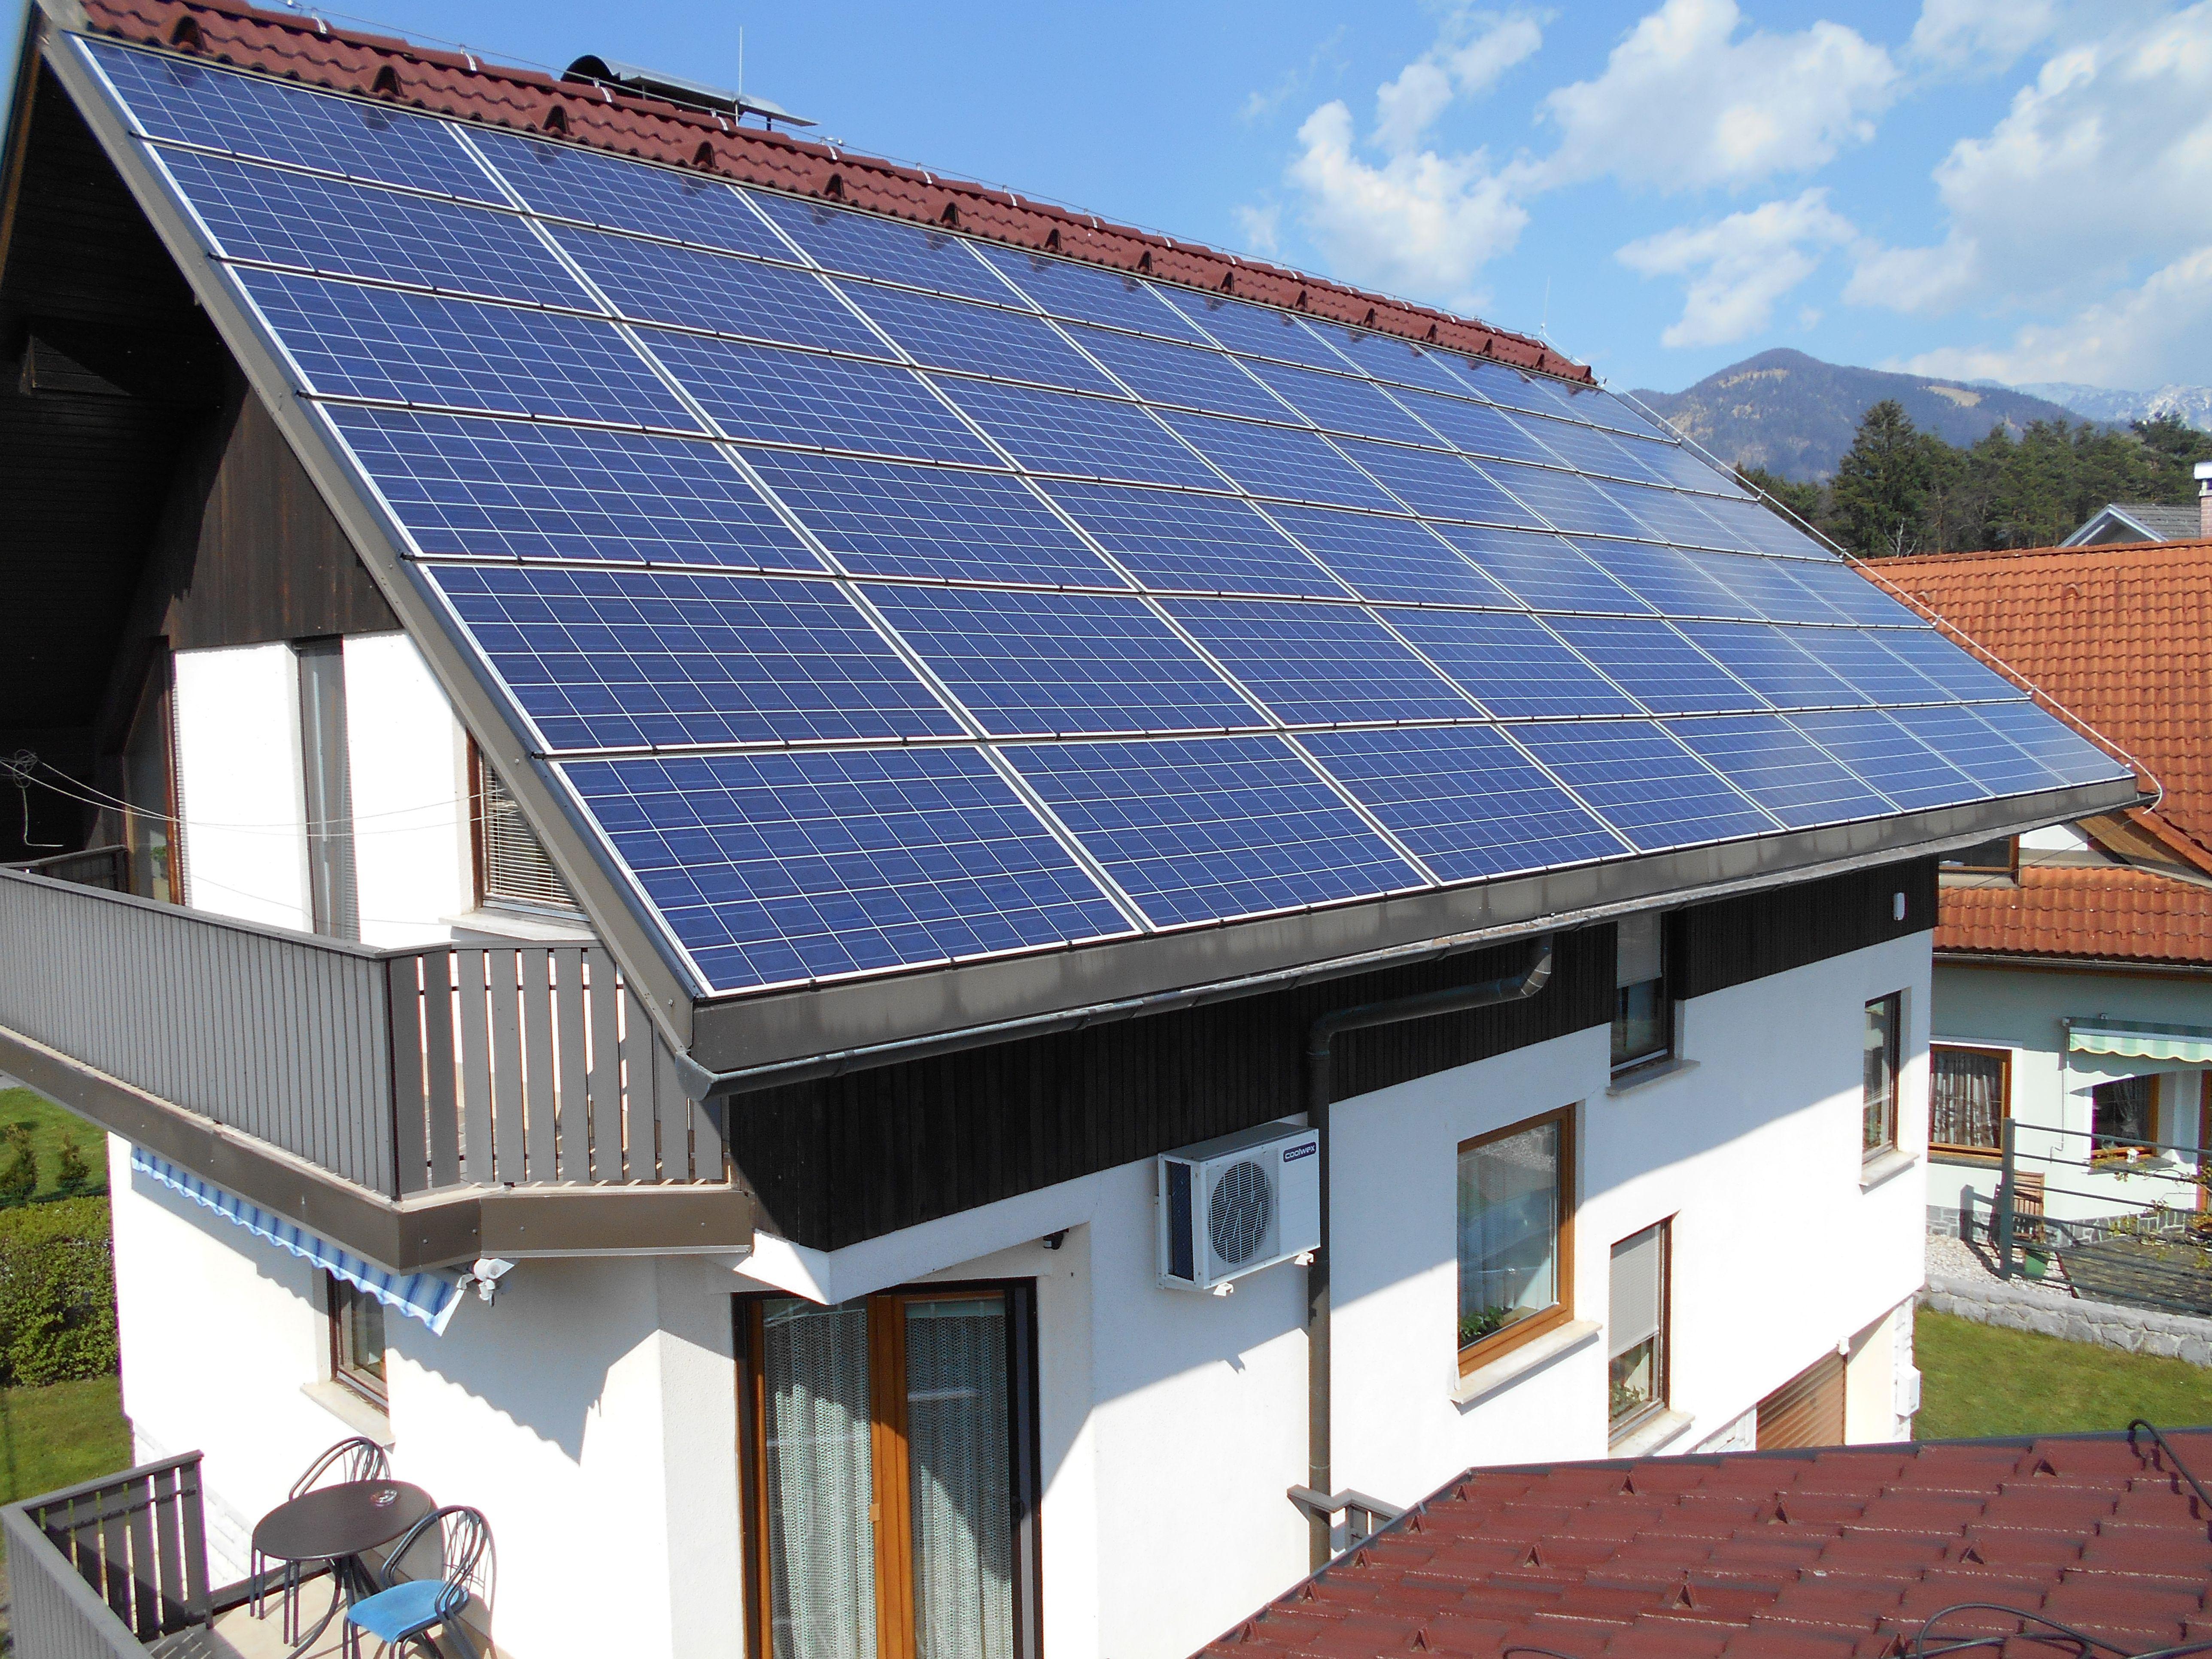 uredba-o-samooskrbi-z-električno-energijo